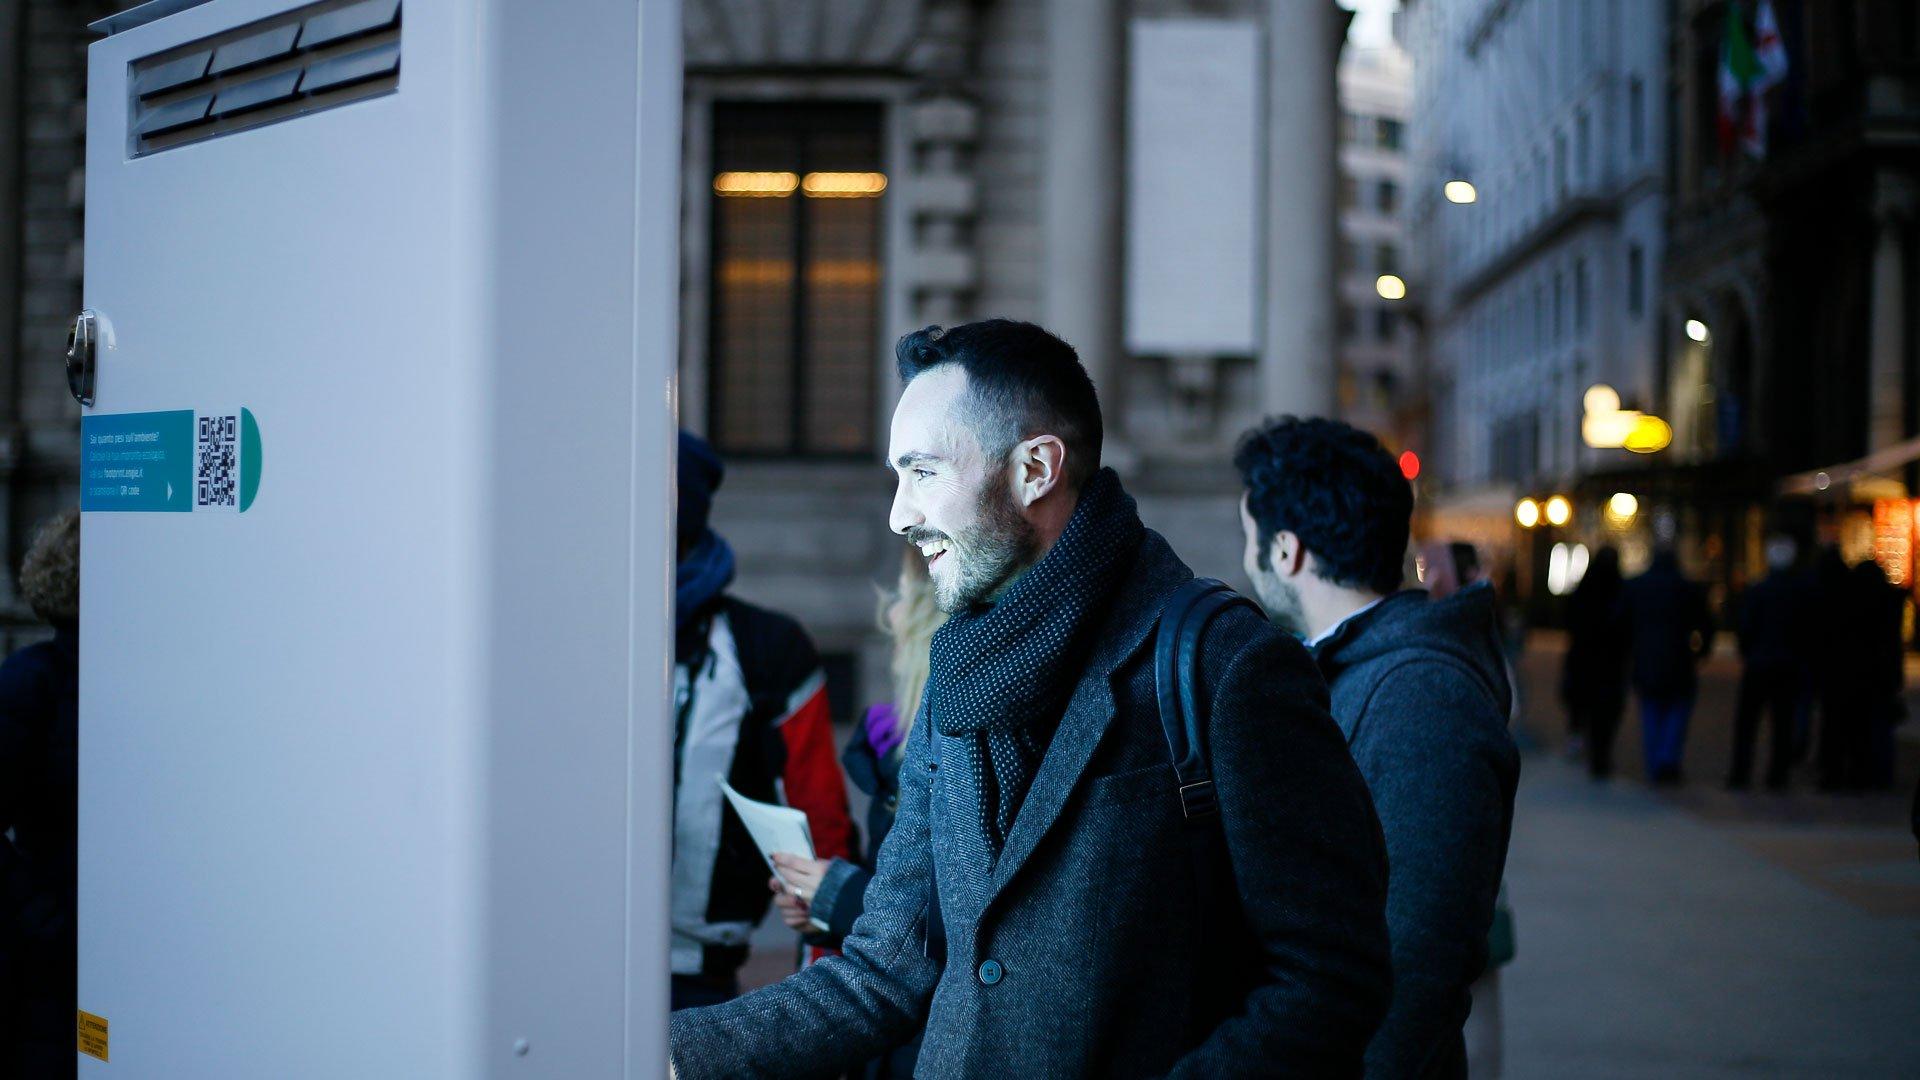 uomo sorridente davanti a totem interattivo